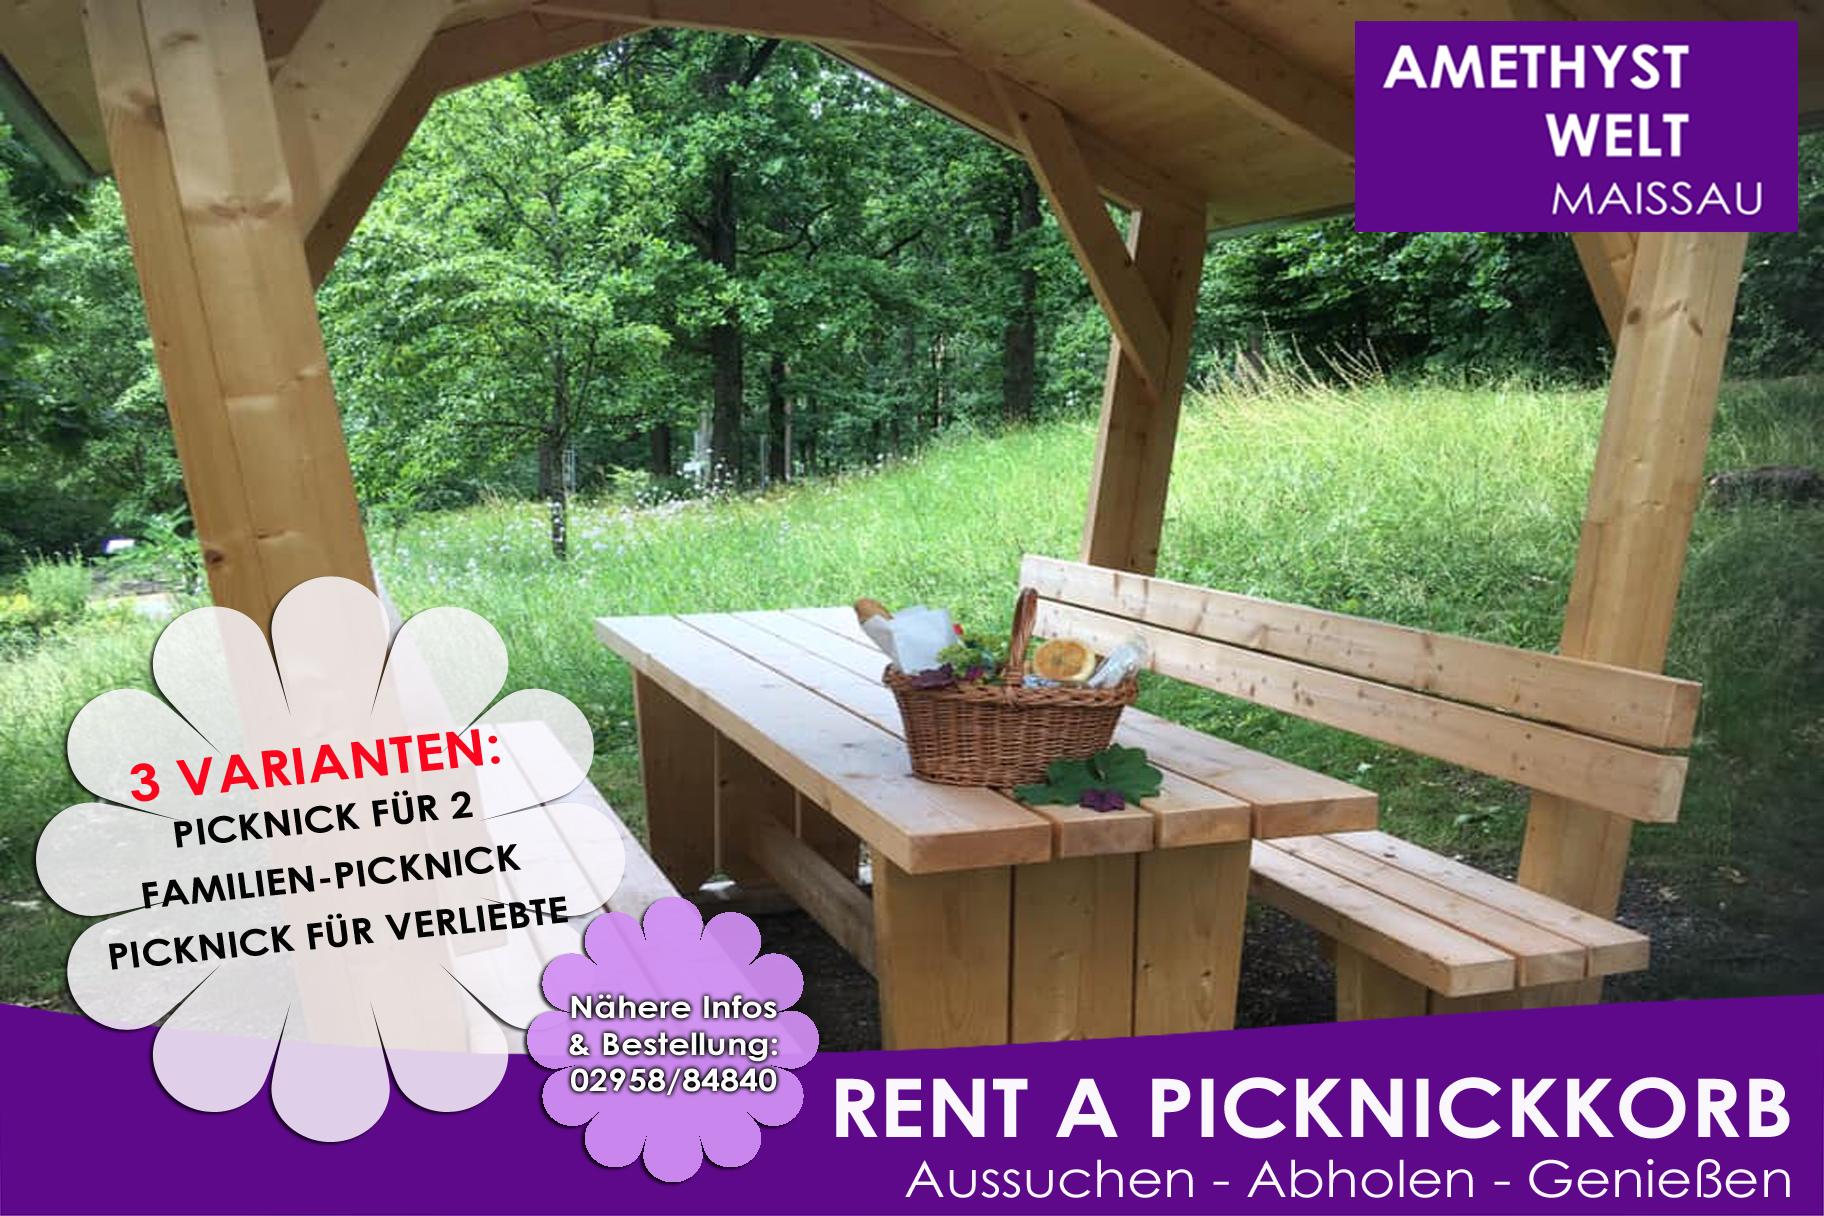 Rent a Picknickkorb